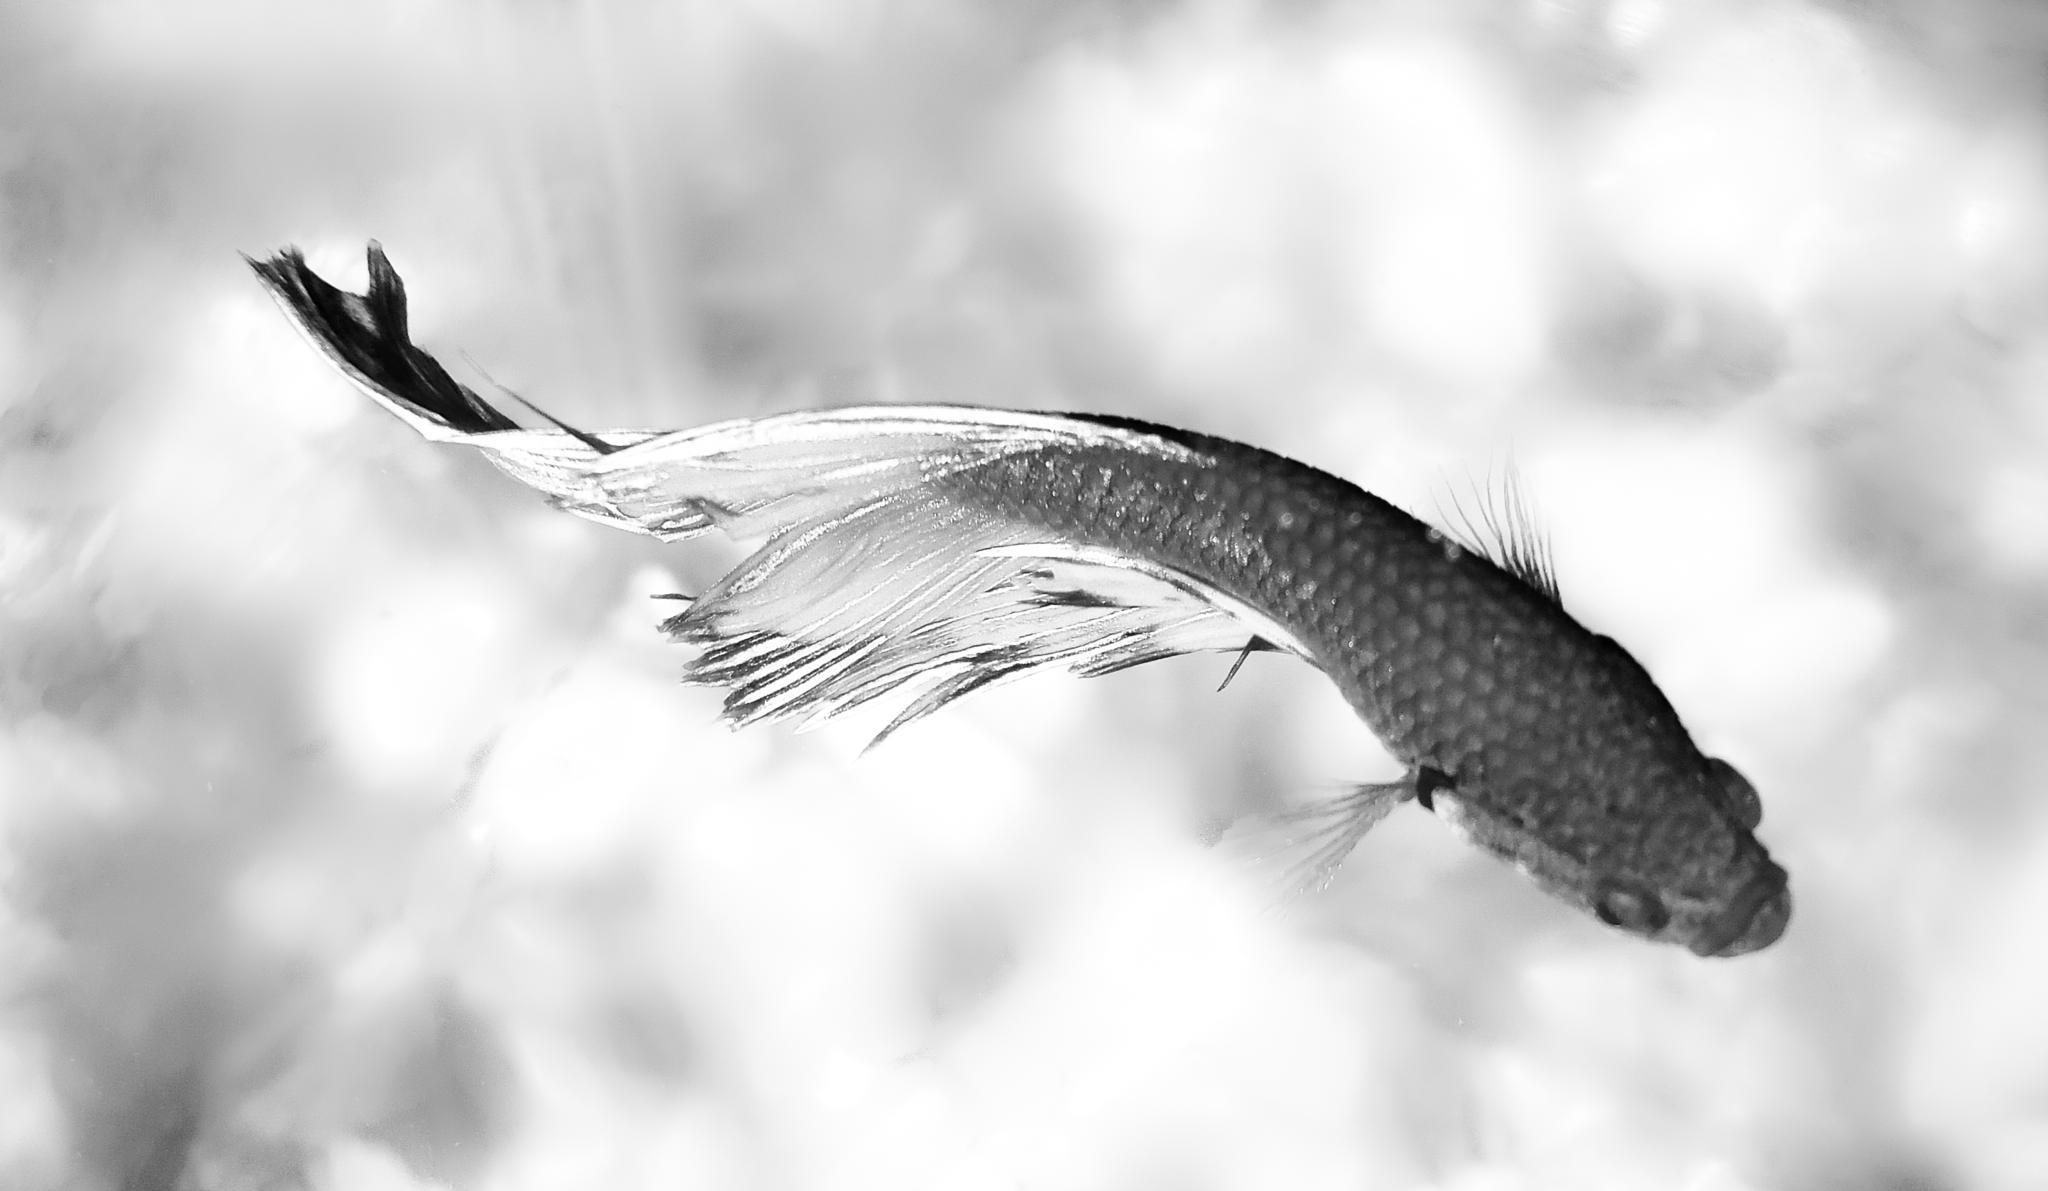 Fish by Akash Dey